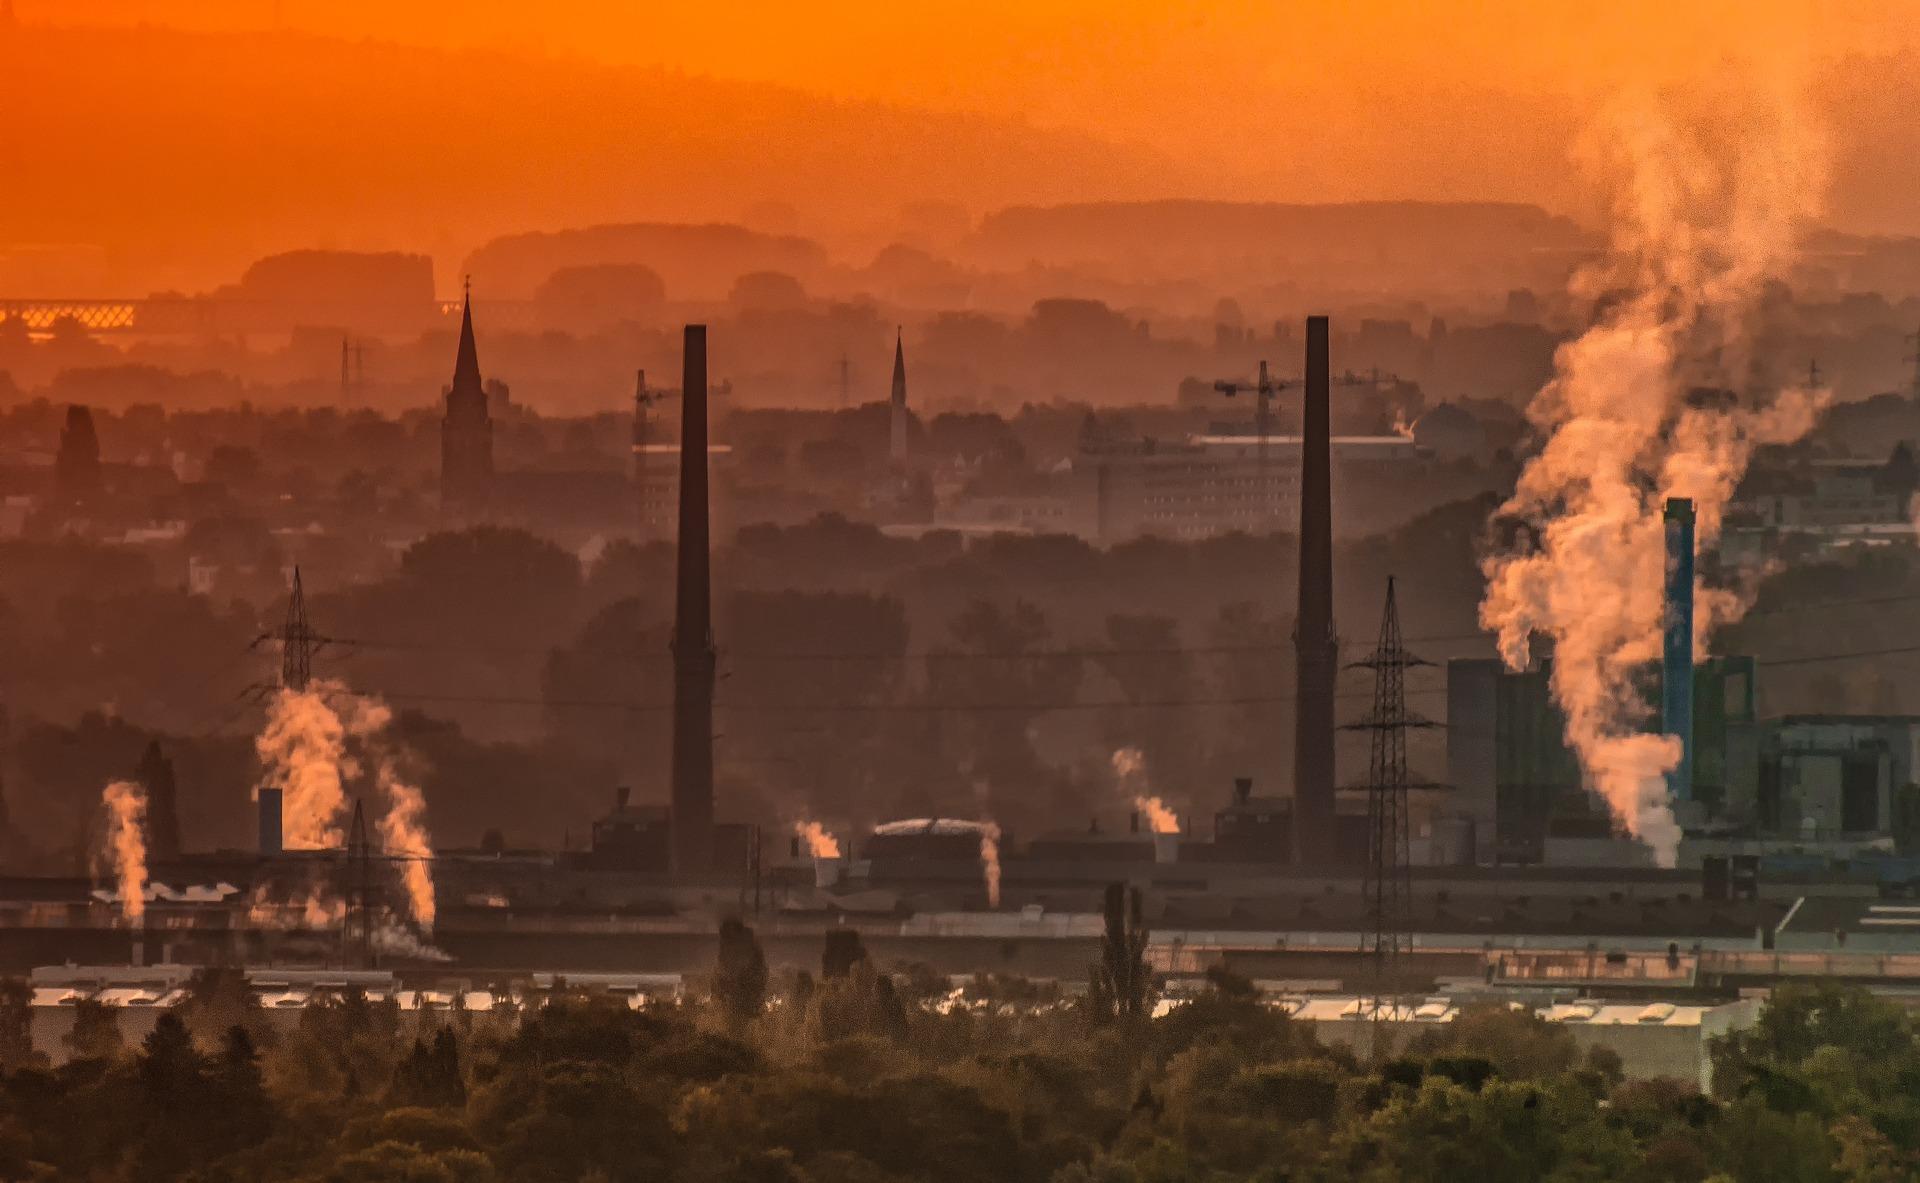 Ausgleichsabgabe für die nicht erfüllte Biokraftstoffquote – und die persönliche Haftung